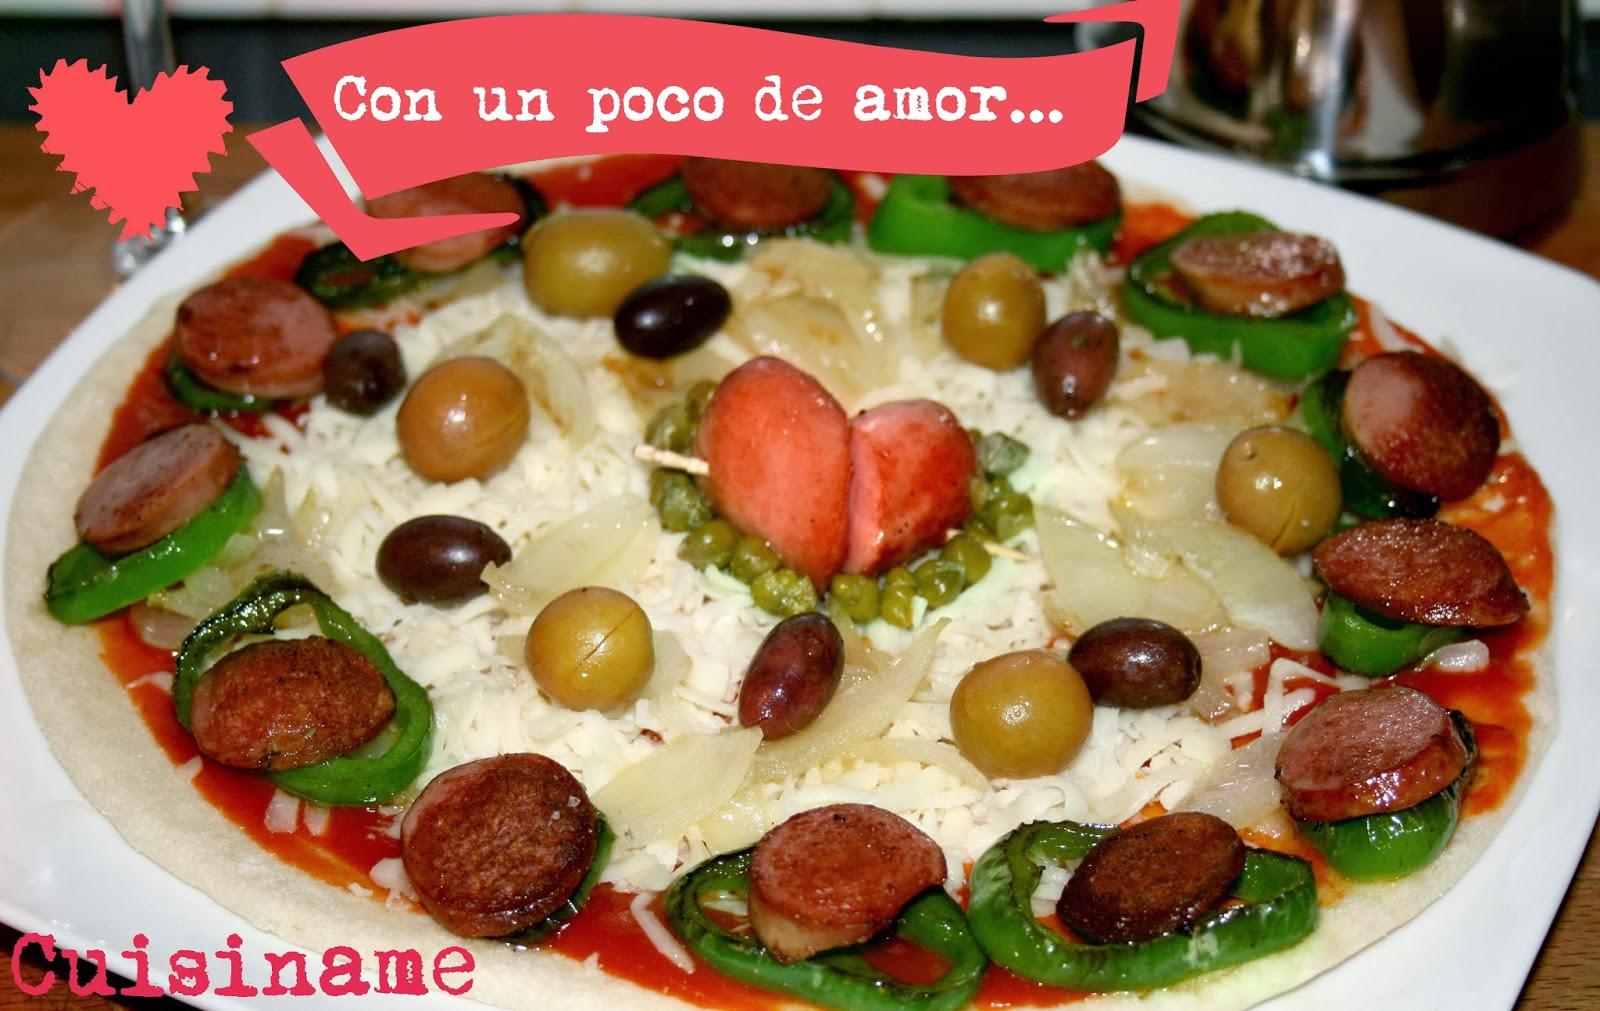 pizza casera, recetas de san valentín, recetas de pizzas, recetas originales, recetas caseras, carne, pizzas, yummy recipes, recetas de cocina, gastronomía, humor